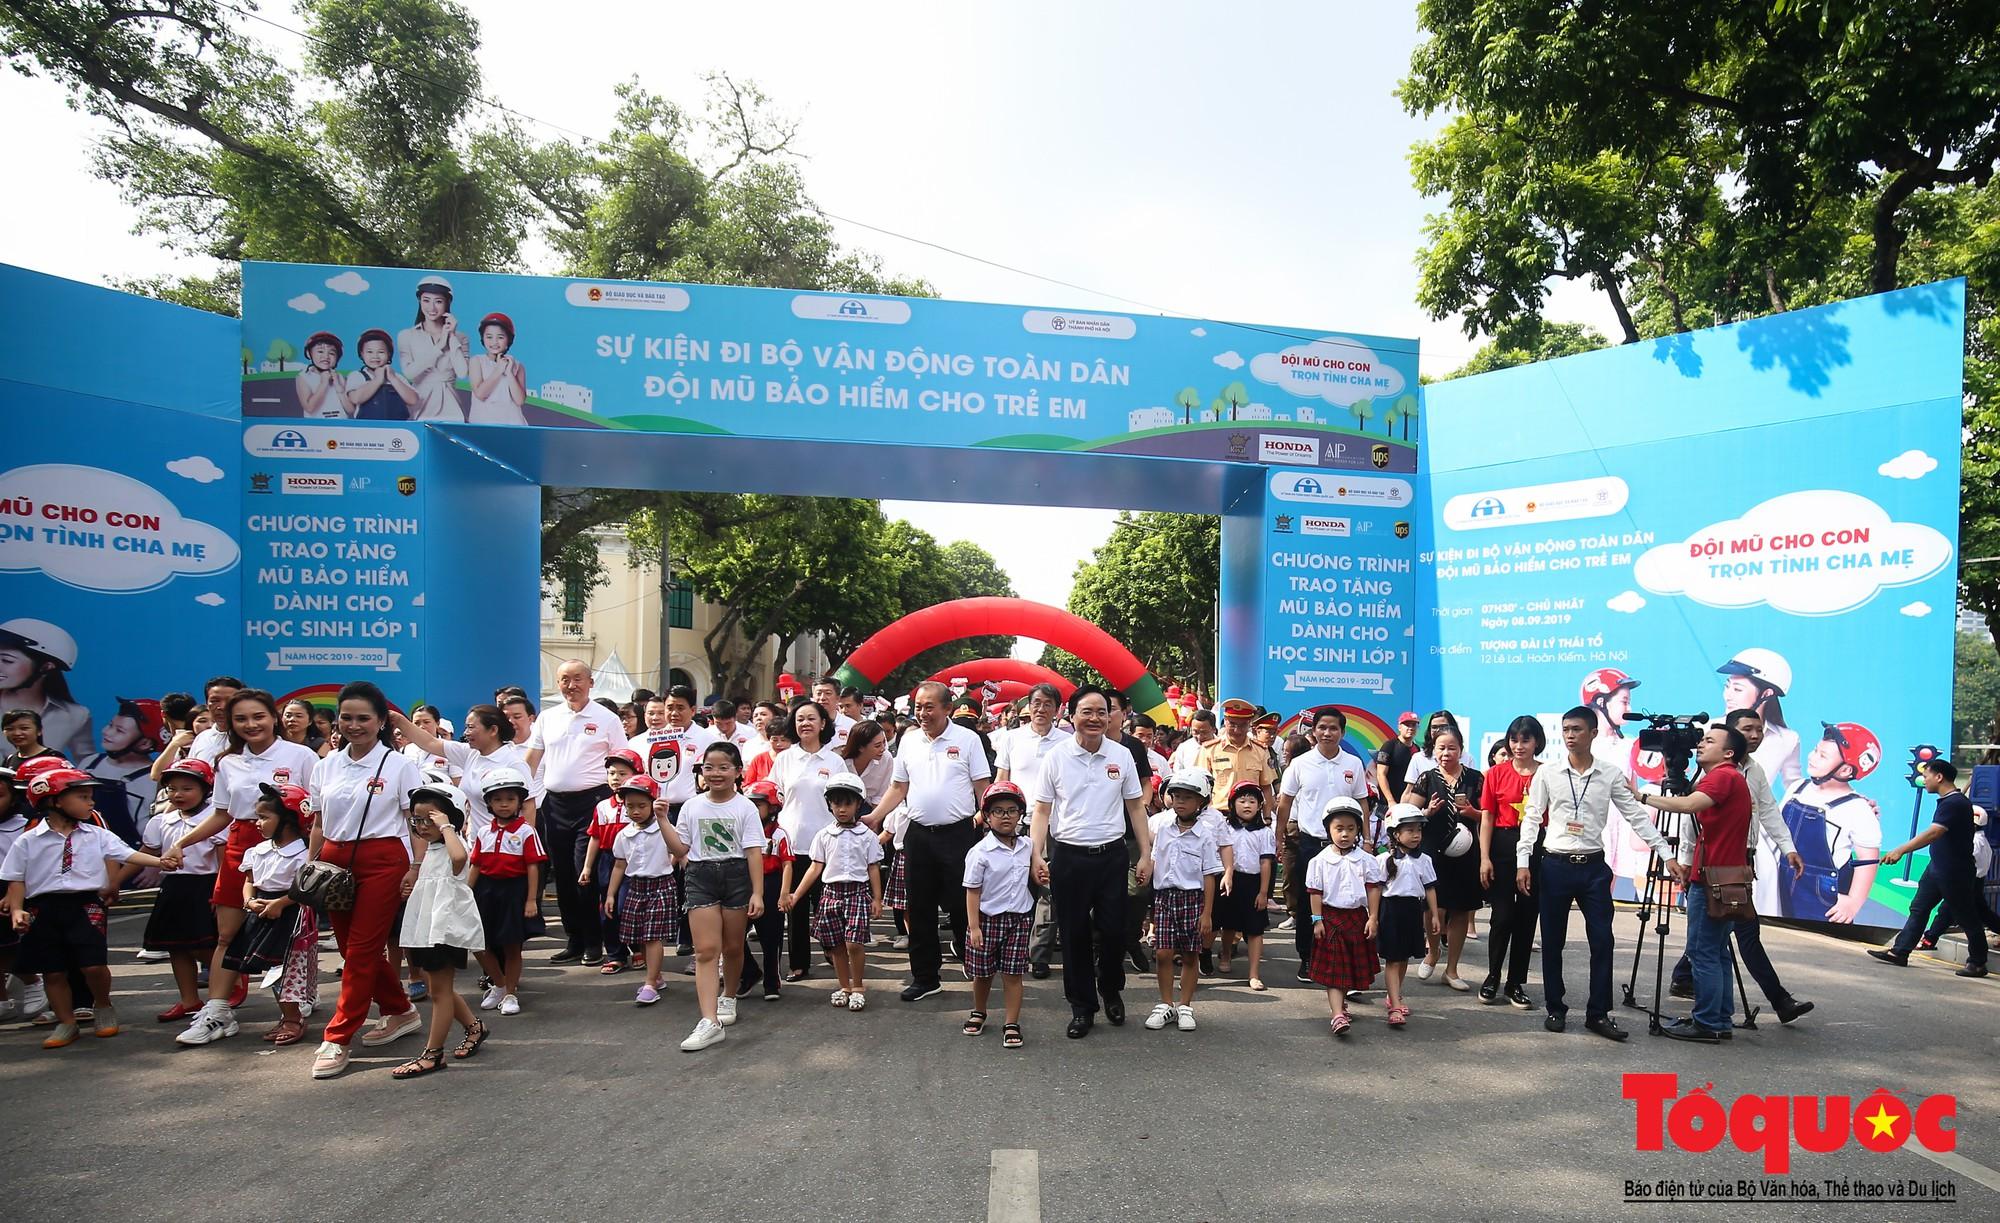 """Gần 4000 em nhỏ cùng gia đình đi bộ vận động toàn dân""""Đội mũ bảo hiểm cho trẻ em"""" (9)"""